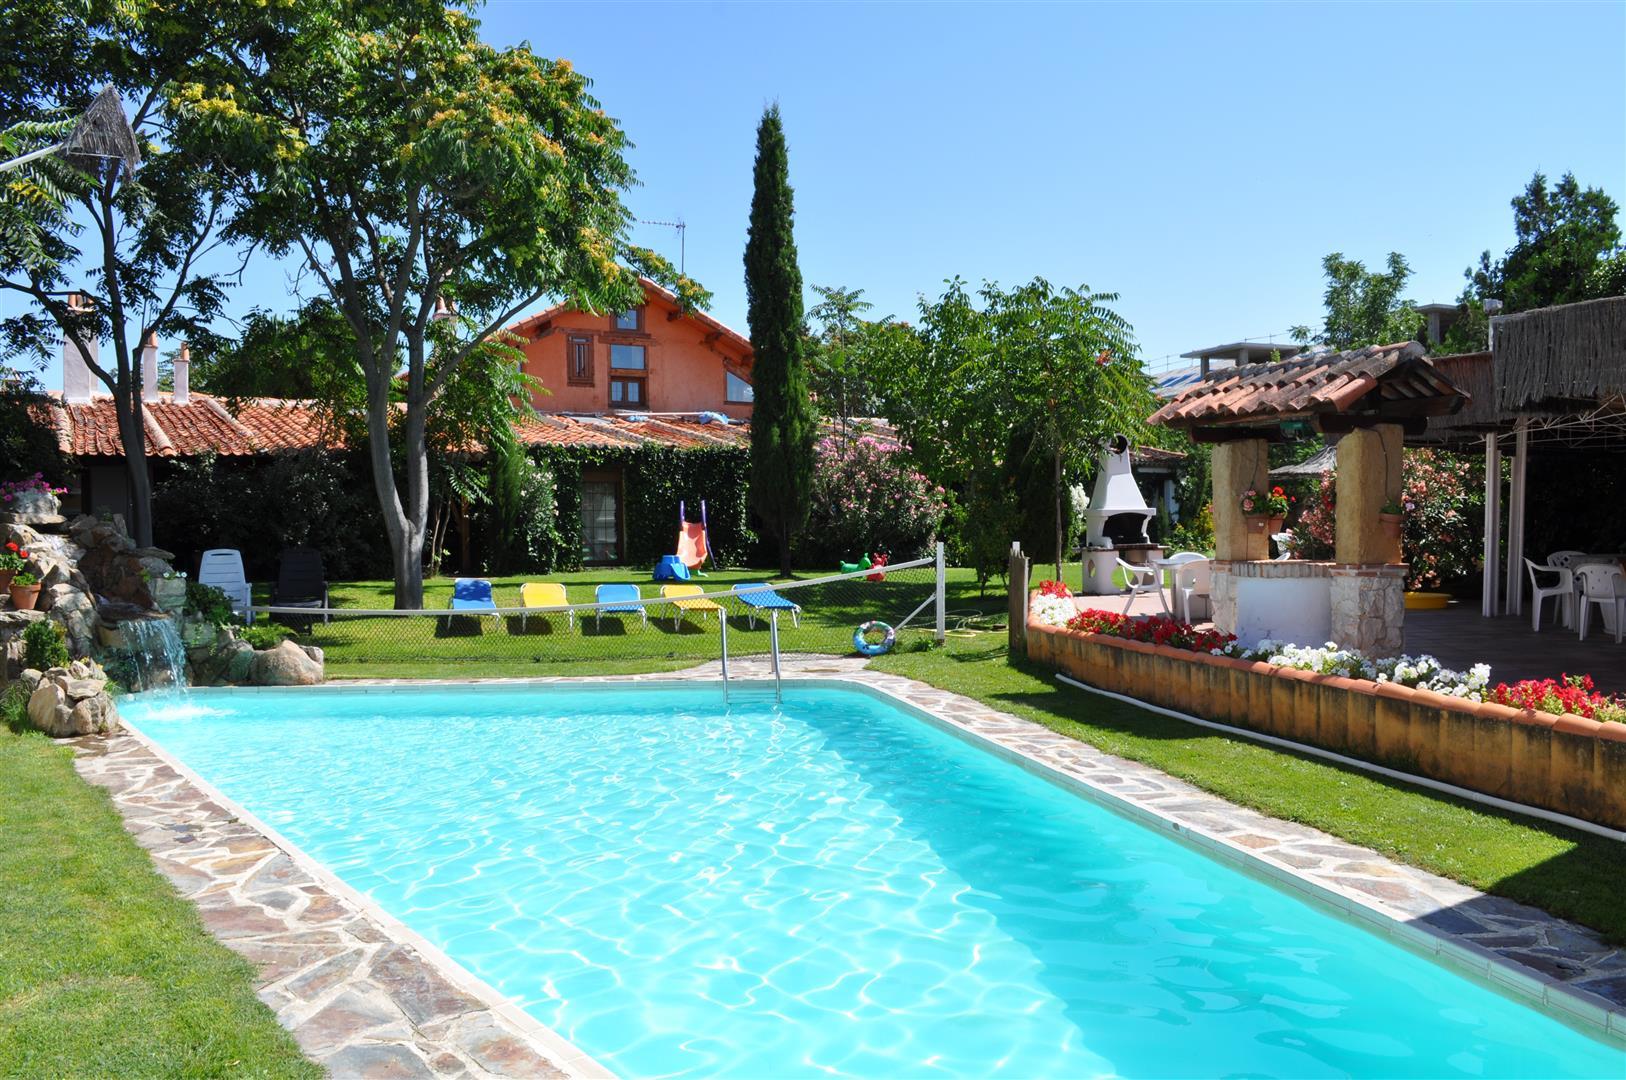 Fin de semana con piscina casas rurales las cavas for Casa con piscina fin de semana madrid